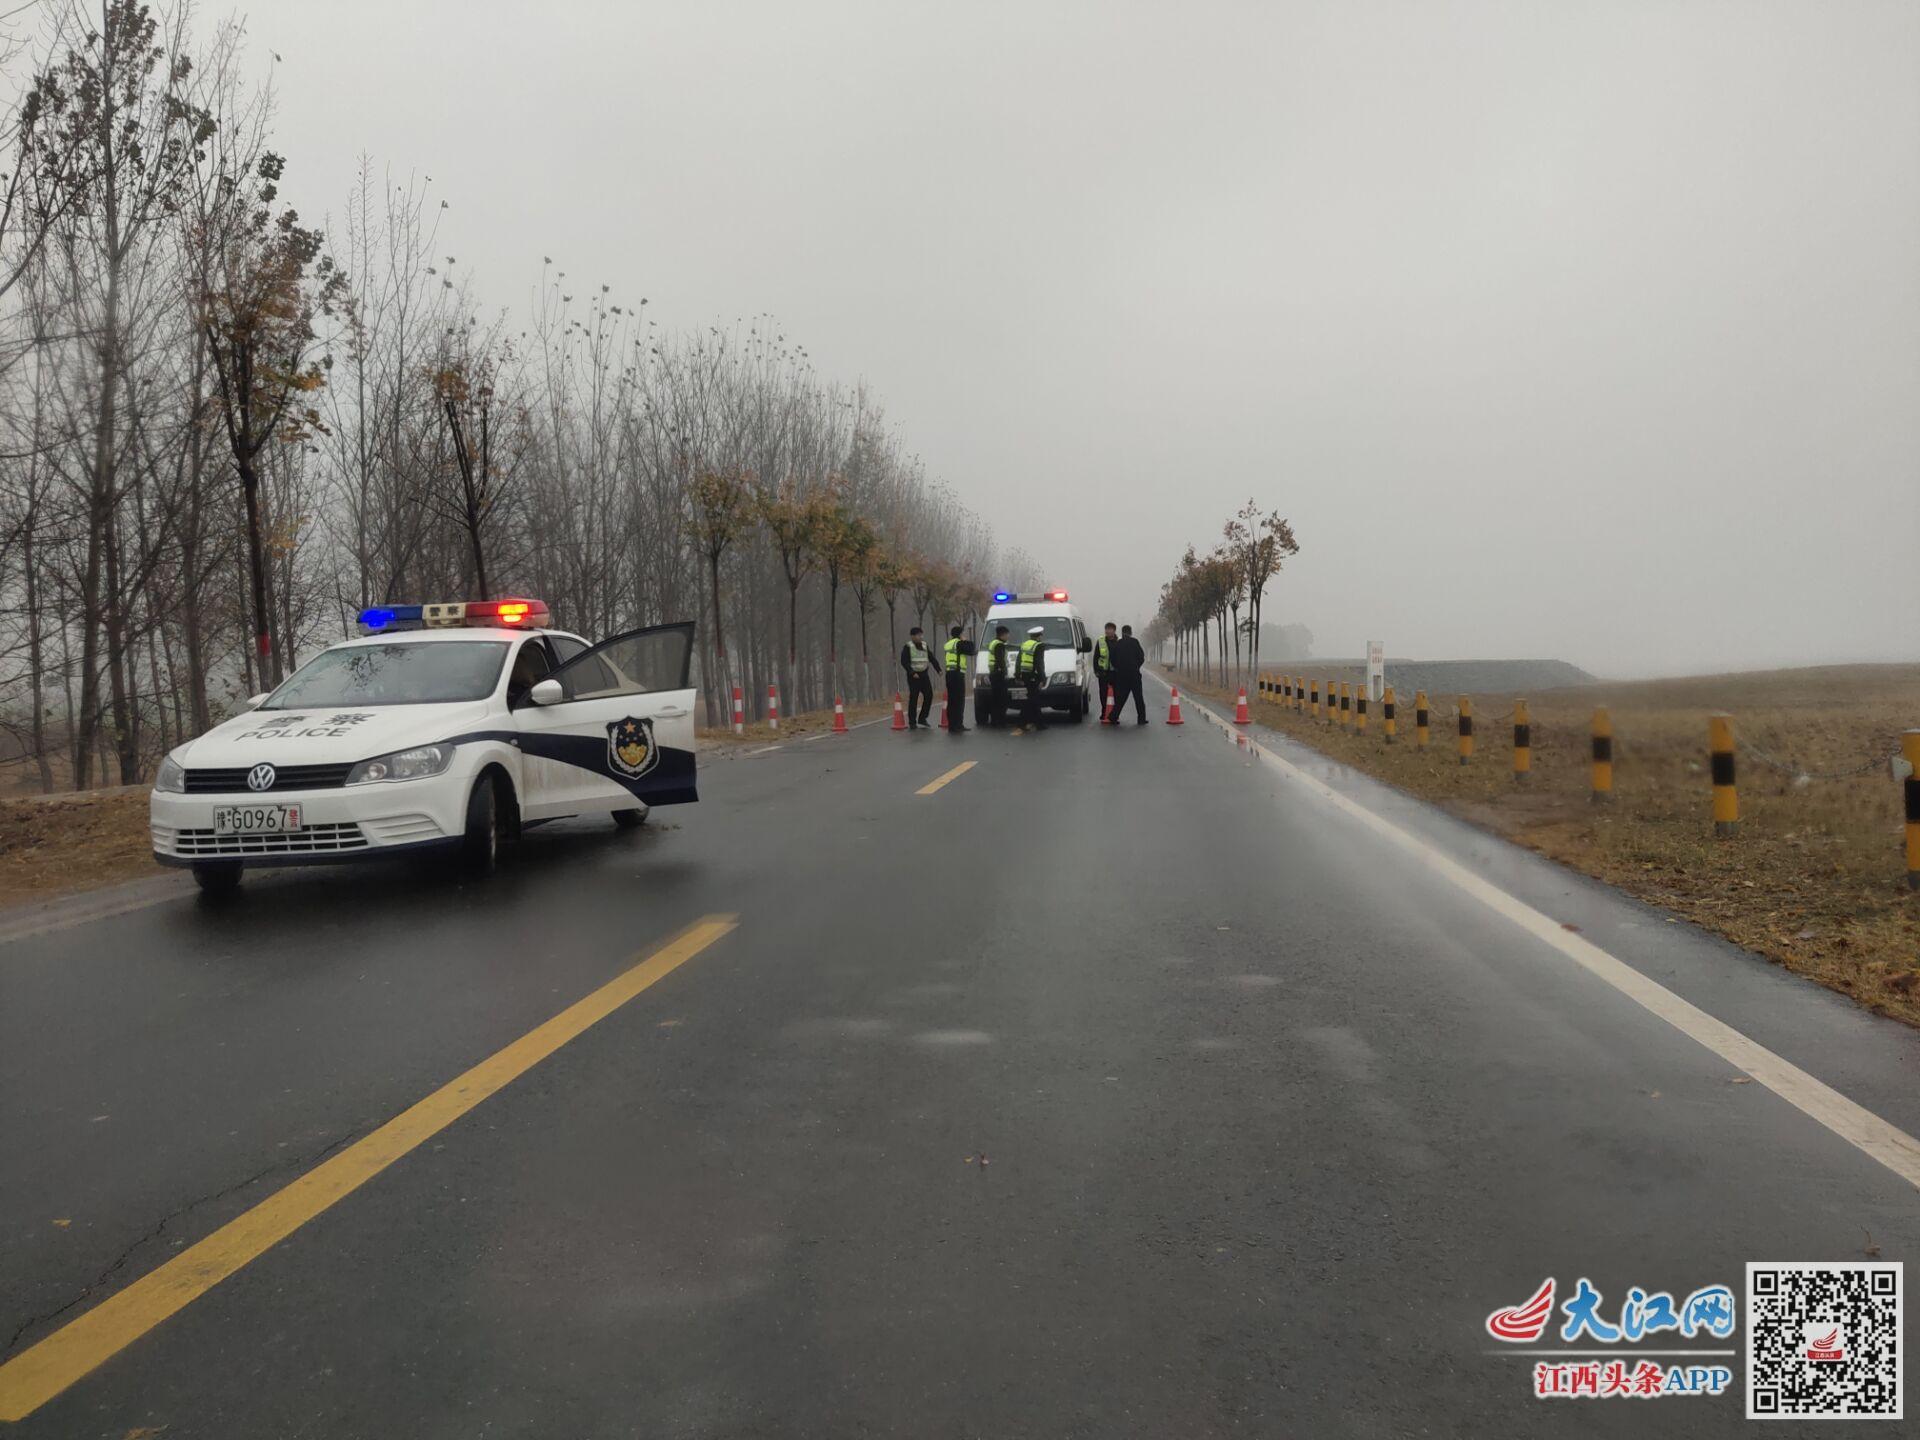 原阳县黄河大堤公安封锁路面禁止通行